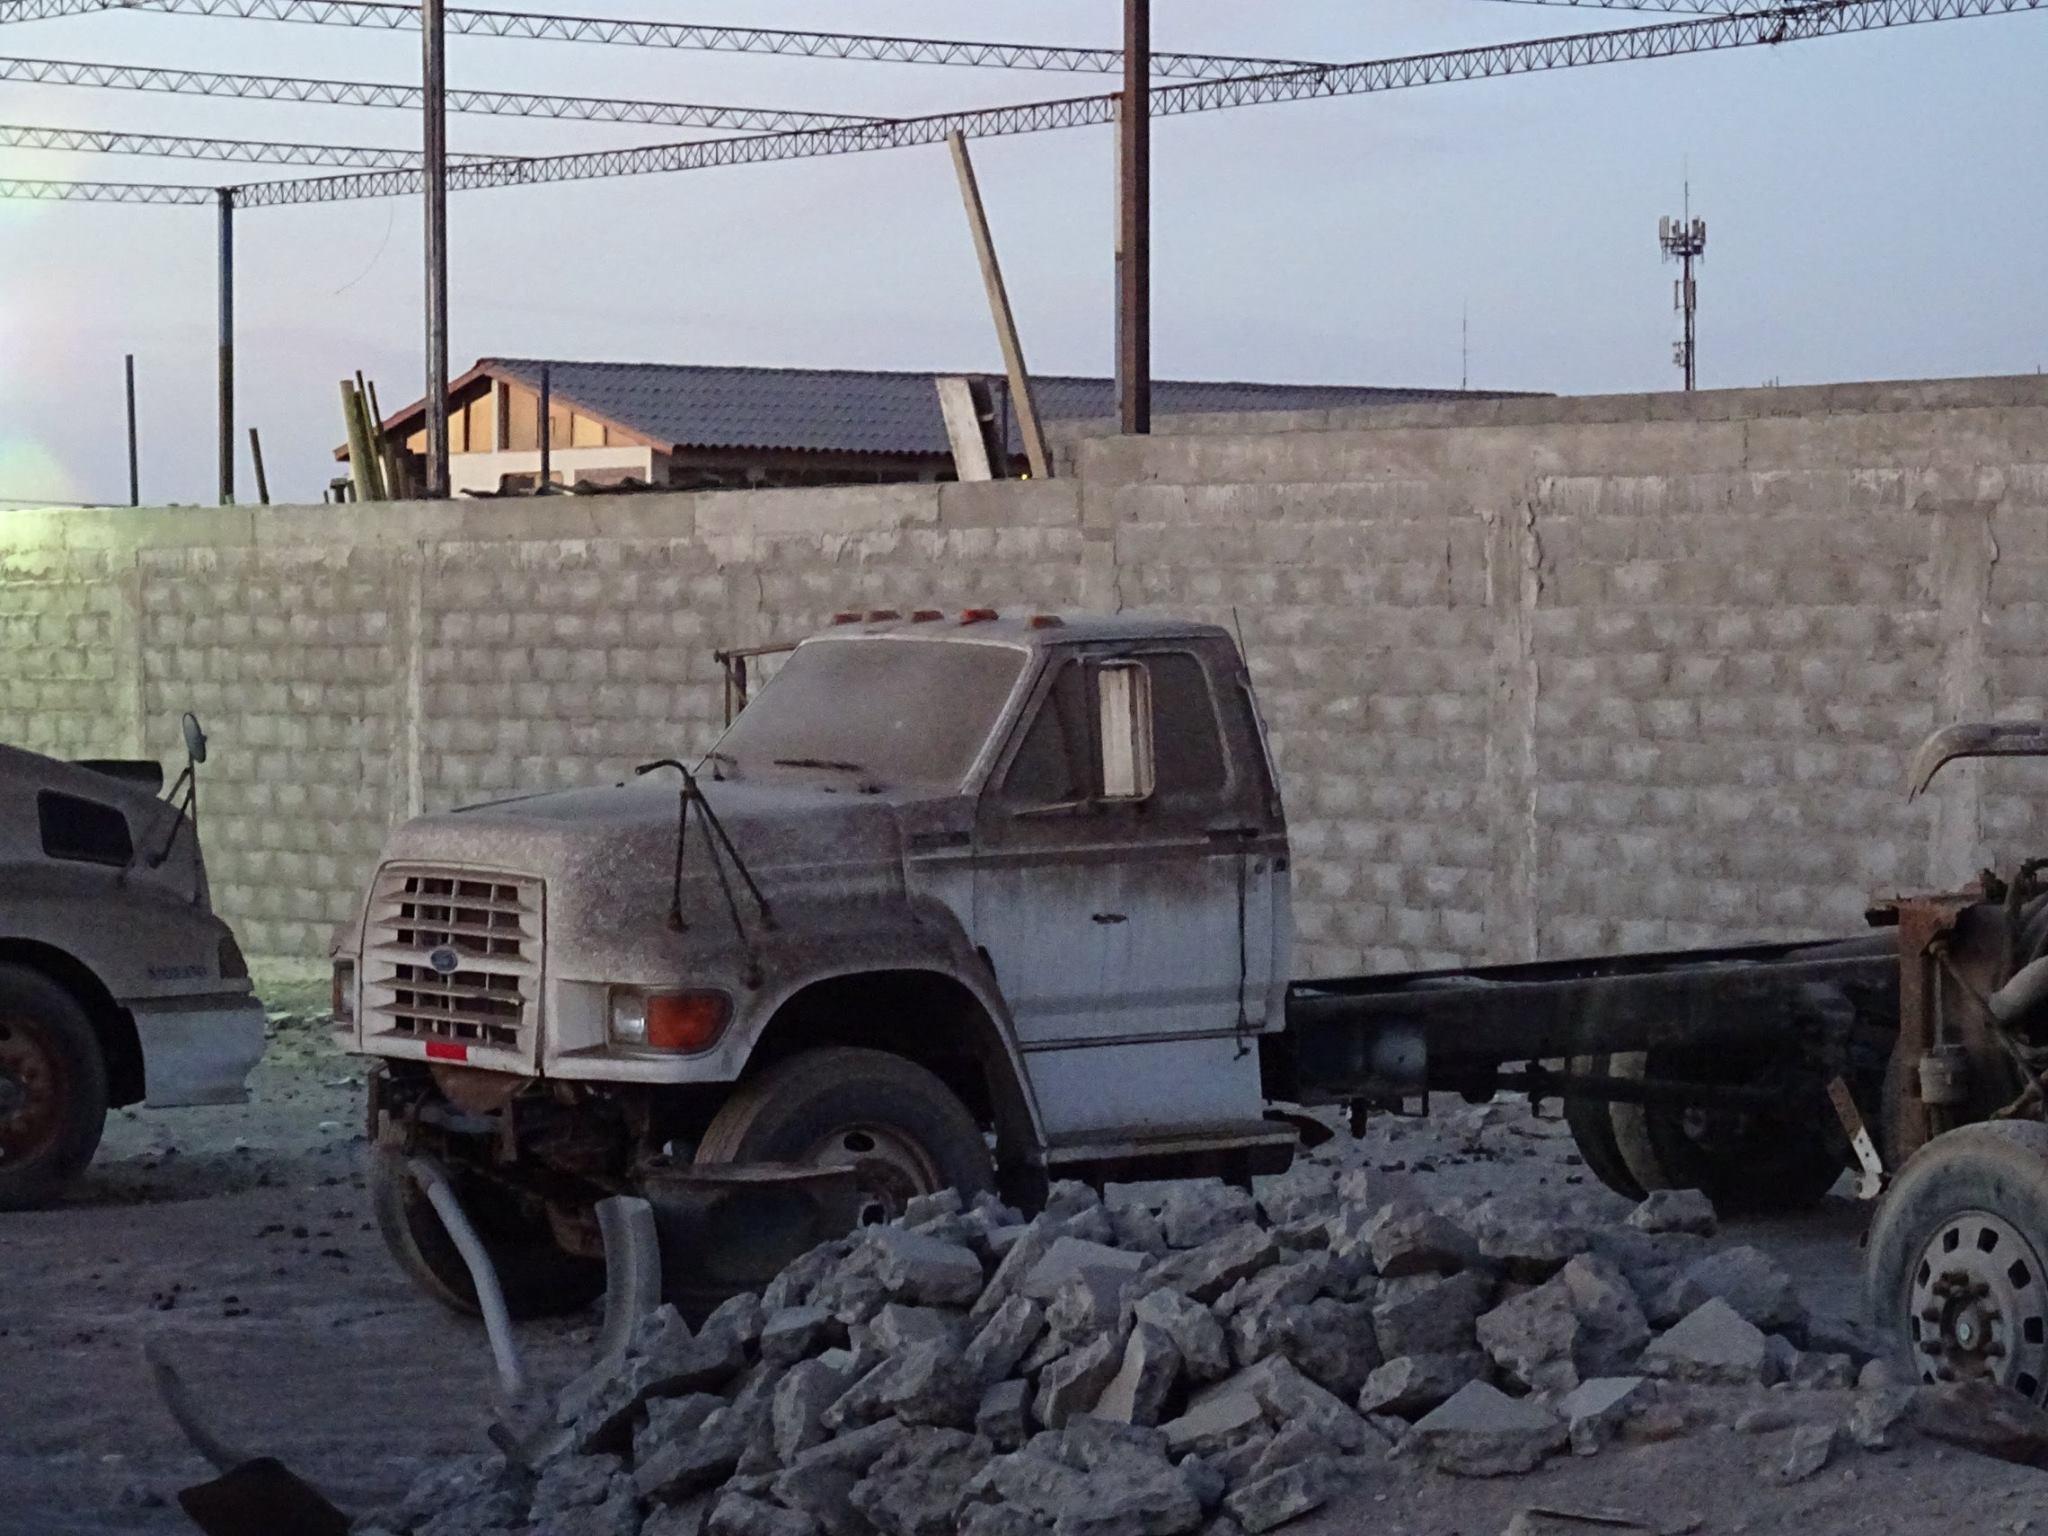 Camiones-vieja-escuela-olvidados-49